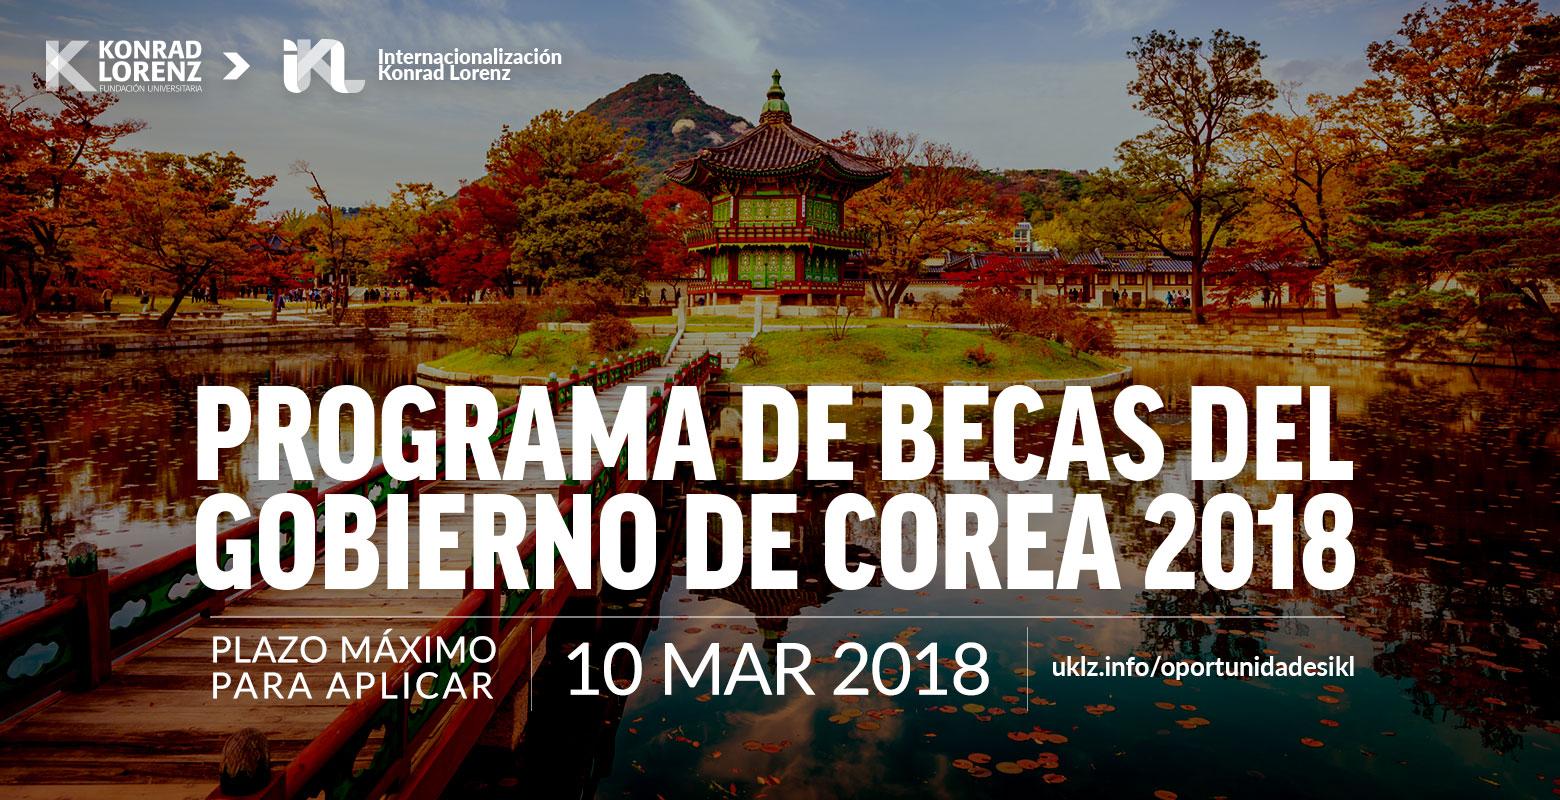 Programa de Becas del Gobierno de Corea 2018